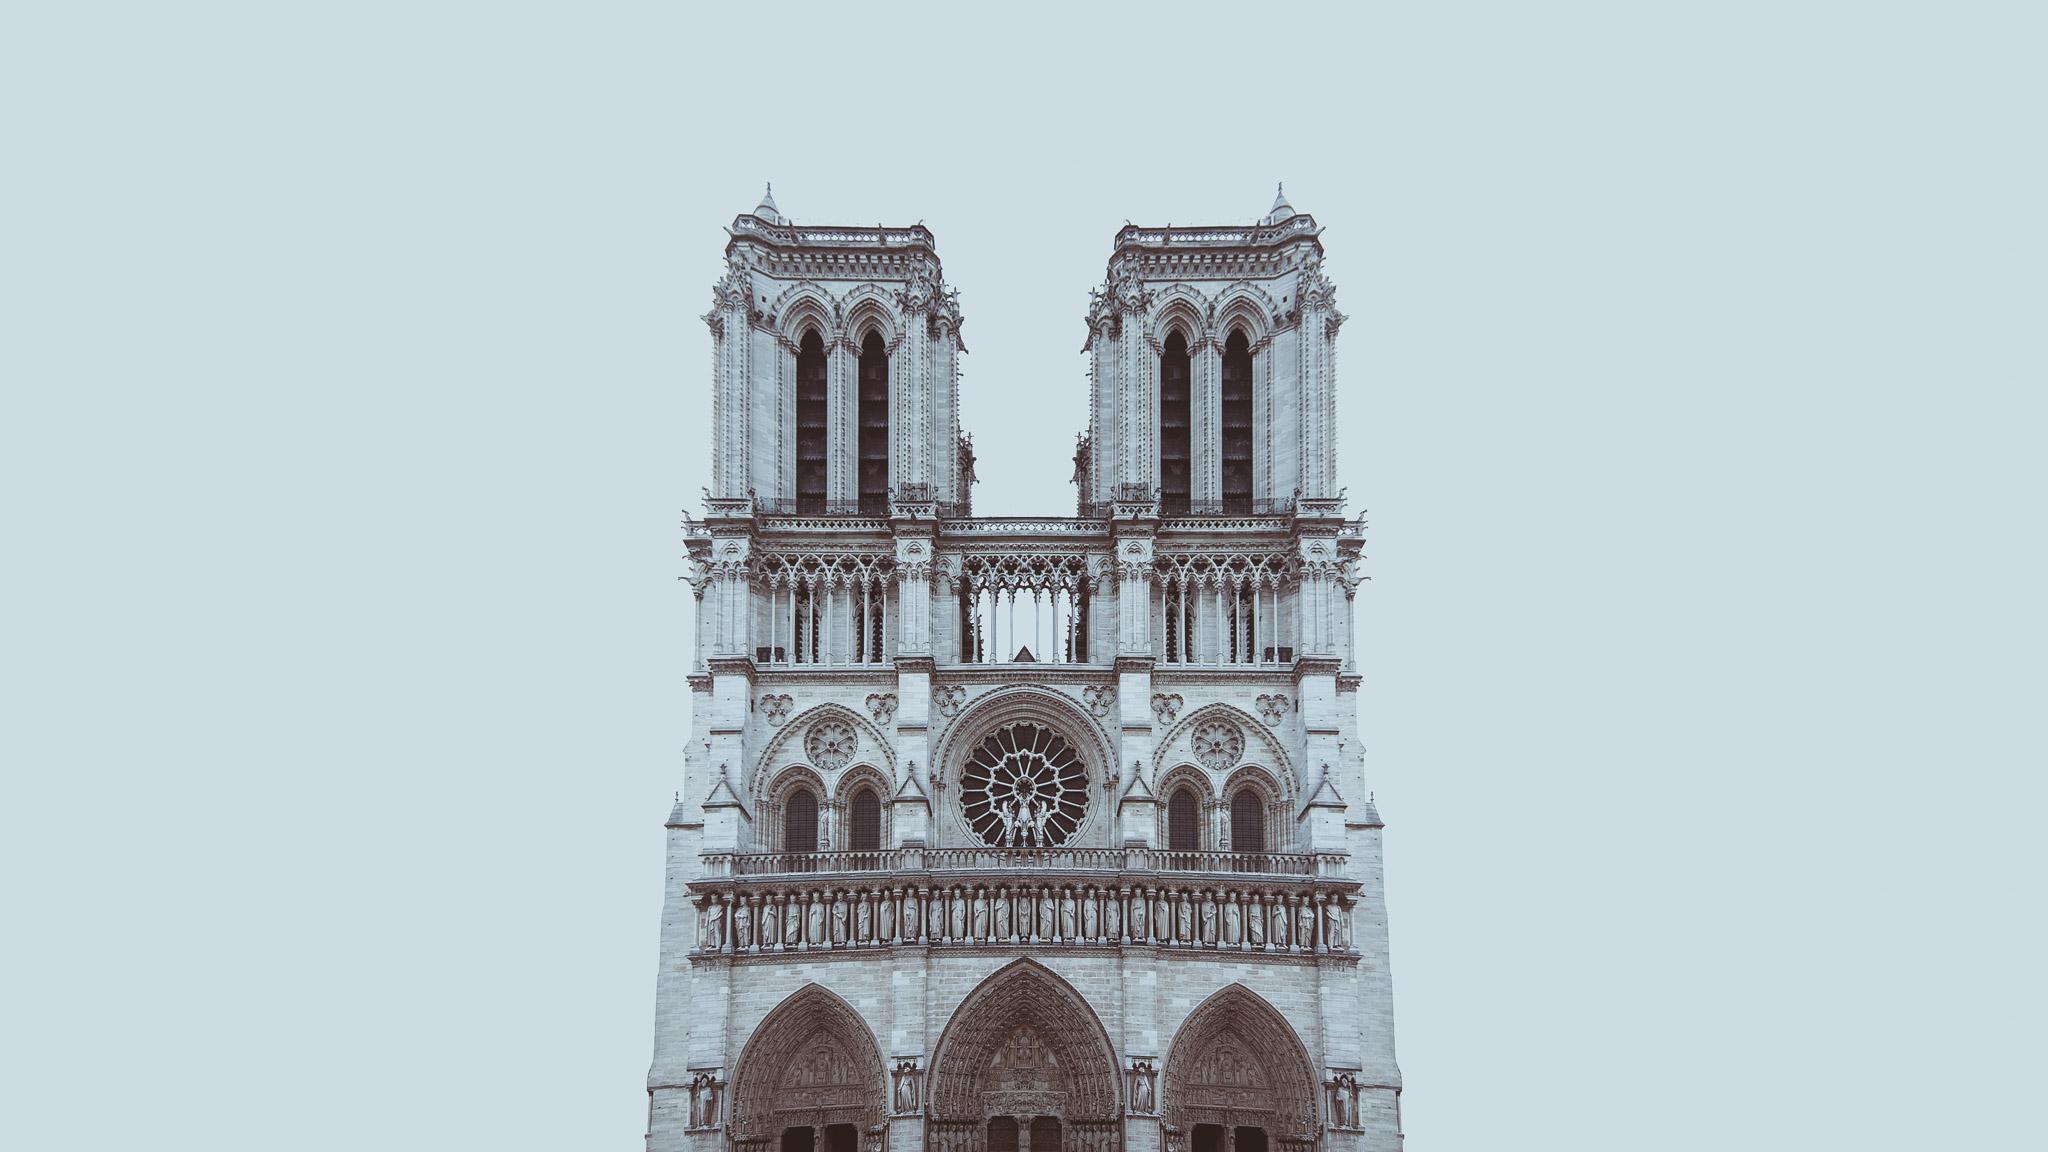 minimalPARIS - Cathédrale Notre-Dame - zaiczdomokos.com